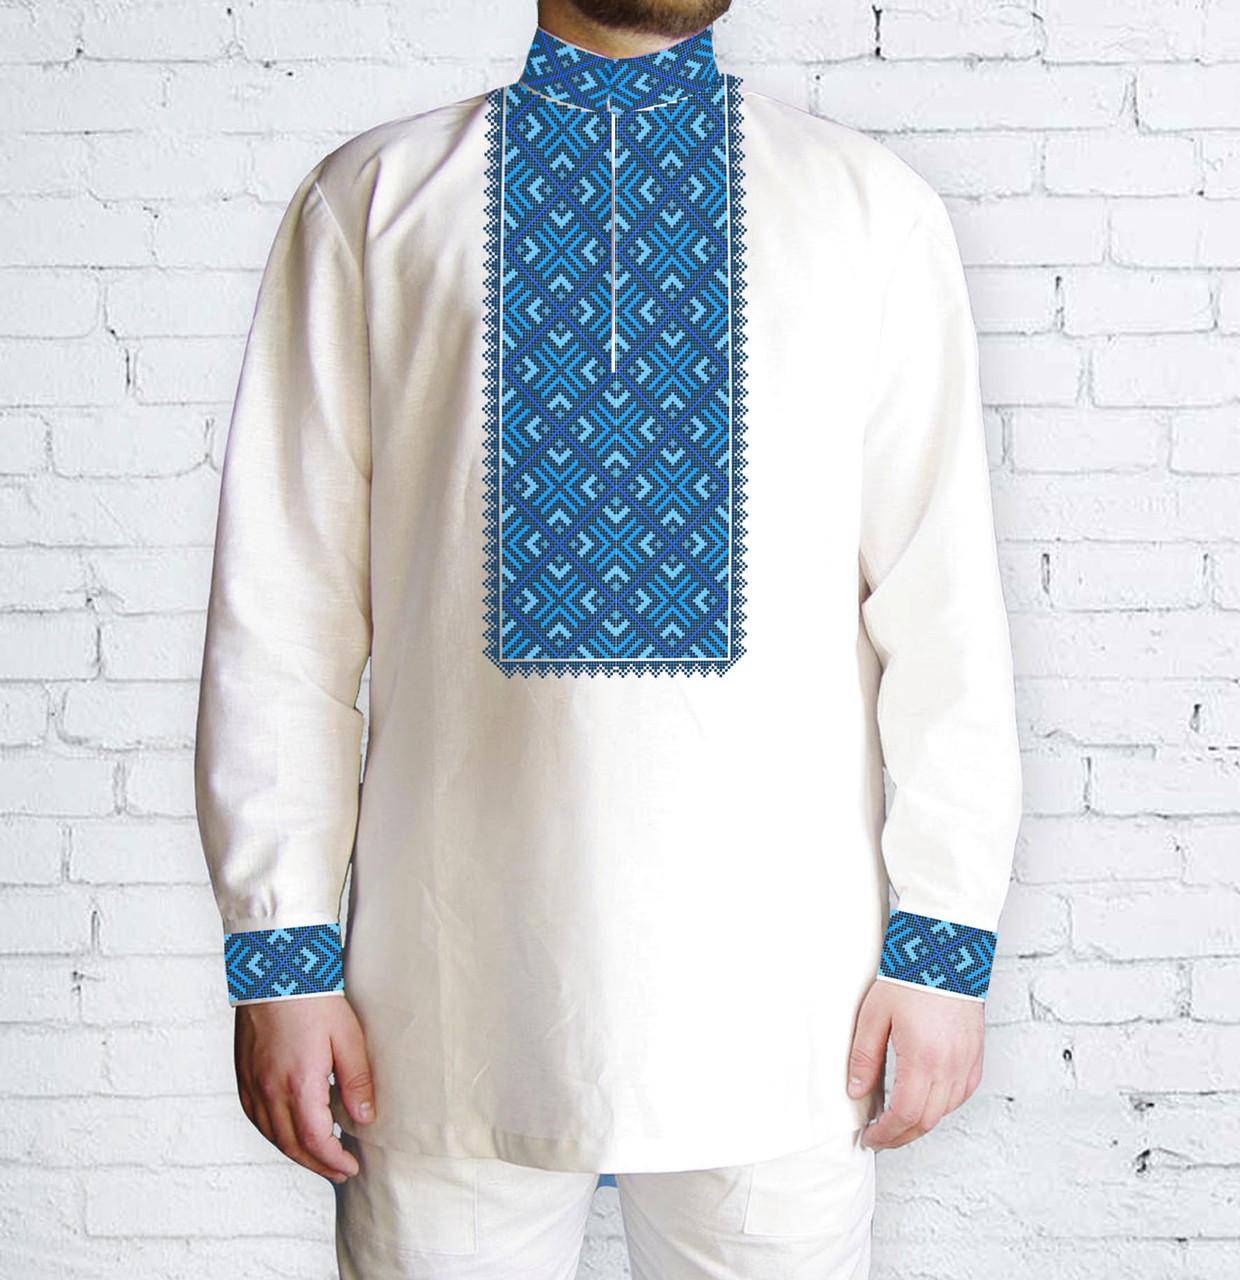 Заготовка чоловічої сорочки та вишиванки для вишивки чи вишивання бісером Бисерок «Ромби Чорно- голубі» (Ч-505 Г )